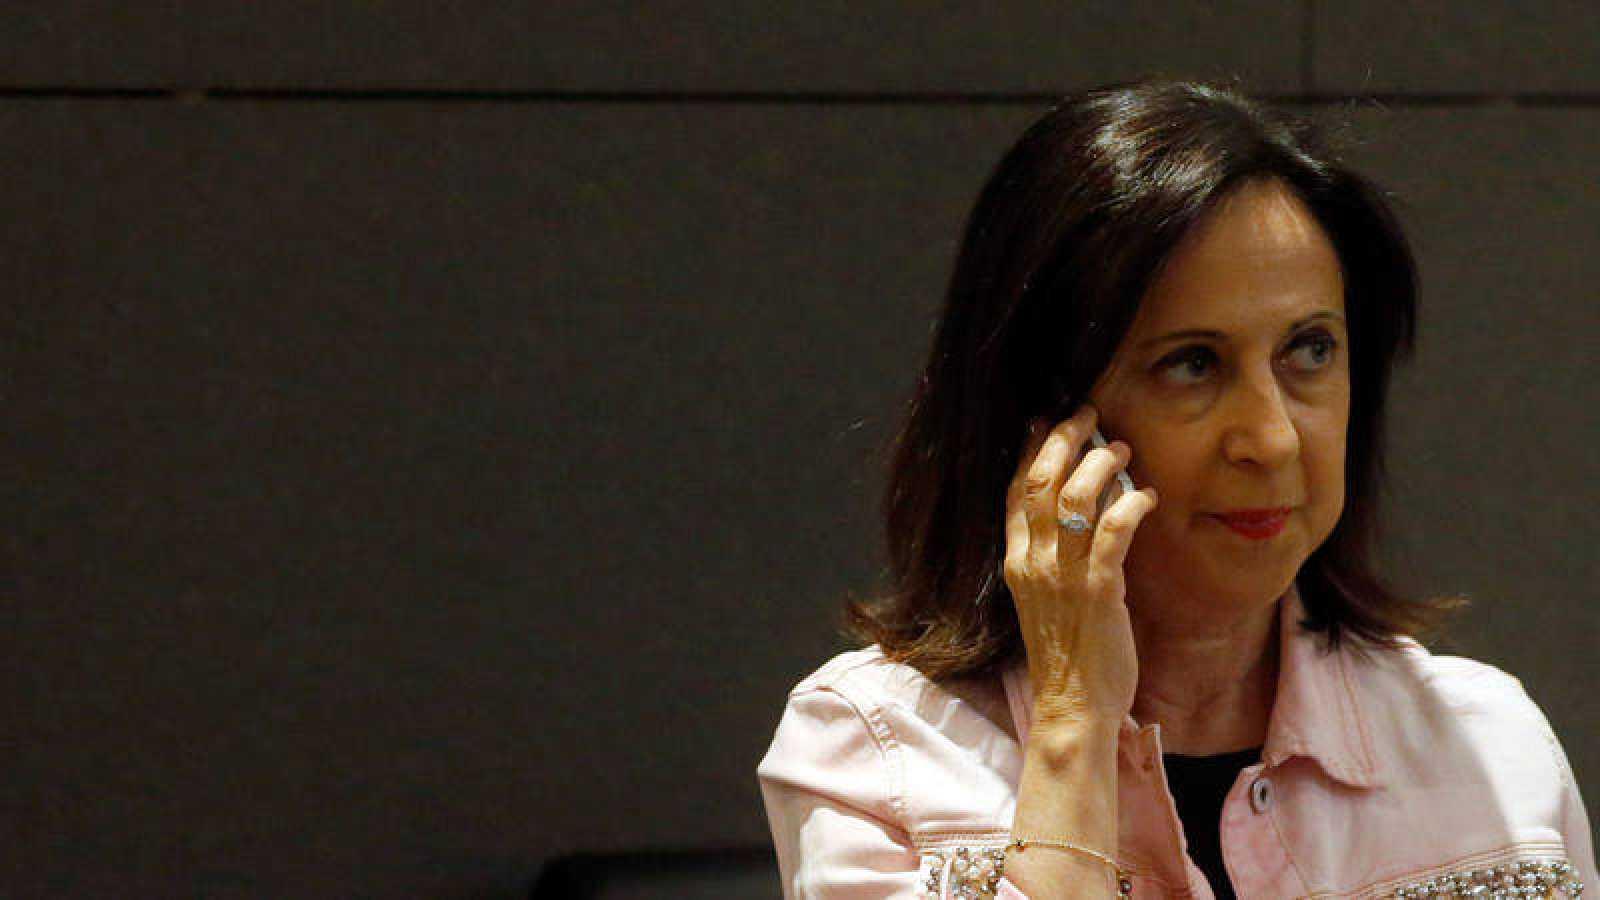 La diputada Margarita Robles en una imagen de archivo